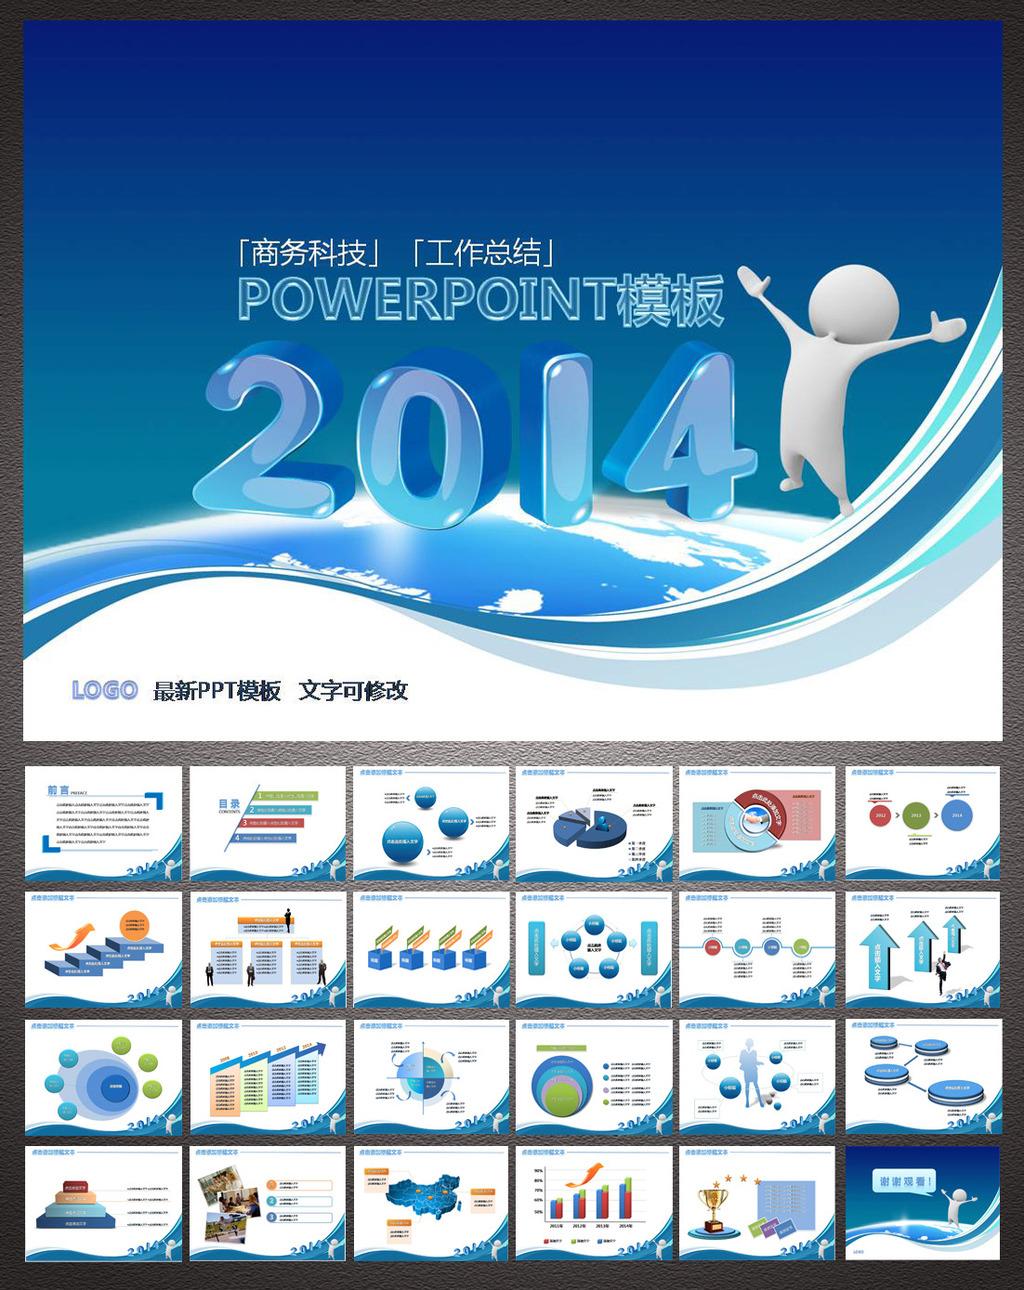 2014年终总结动态ppt模板下载图片下载 2014年终总结ppt模板下载 2014